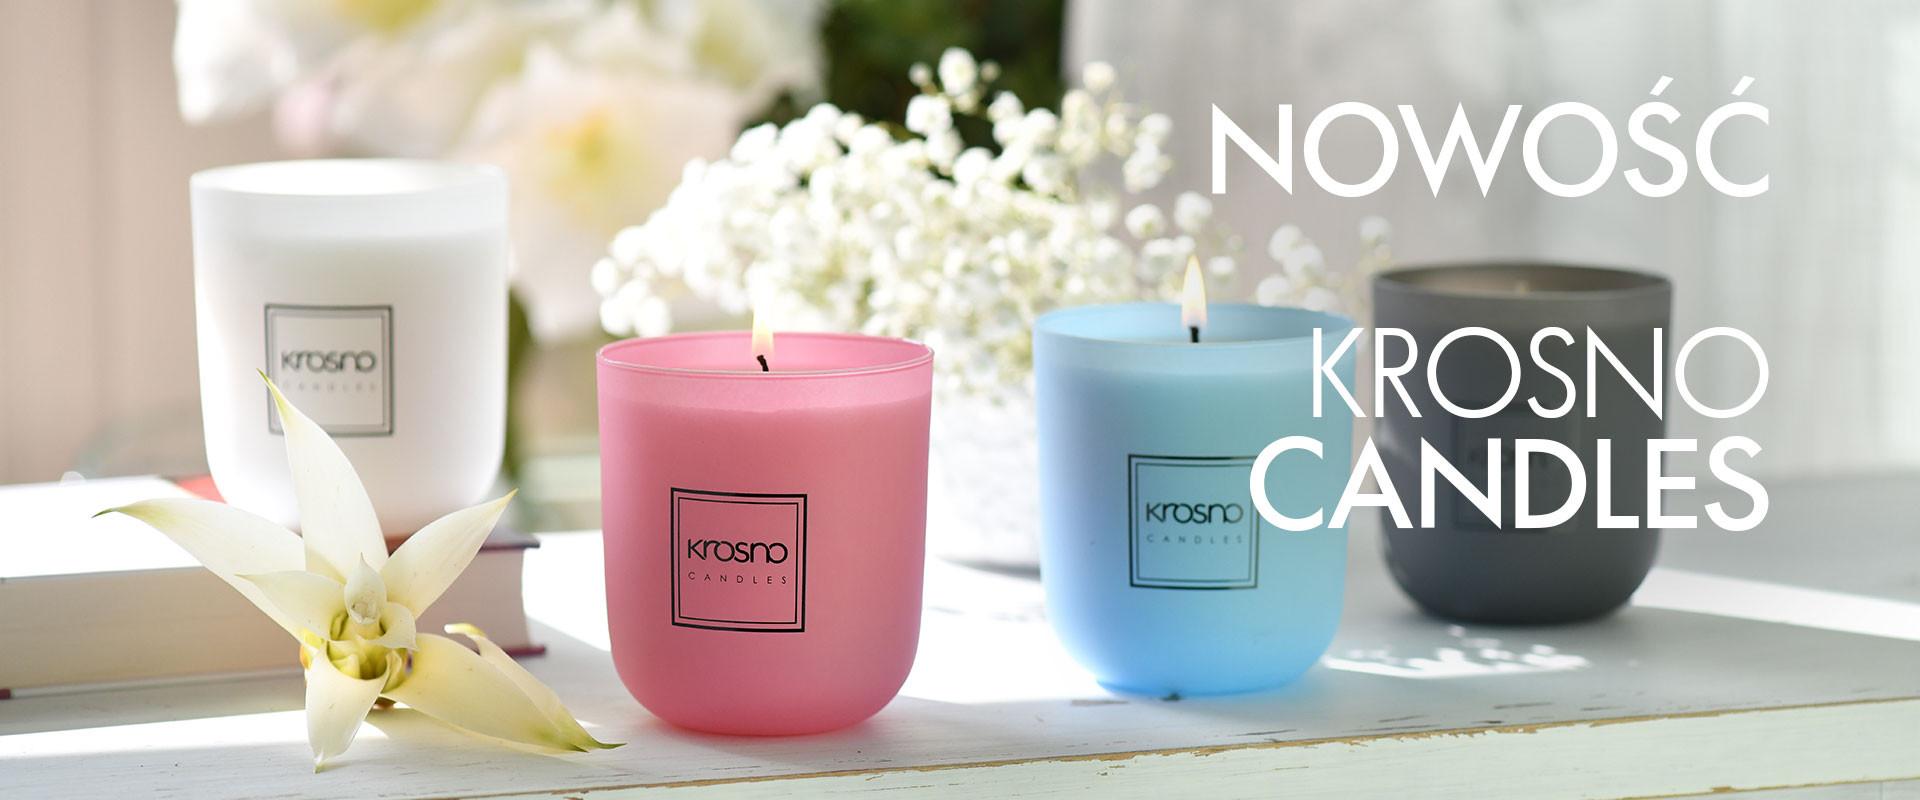 Dekoracyjne świece w szkle KROSNO Candles